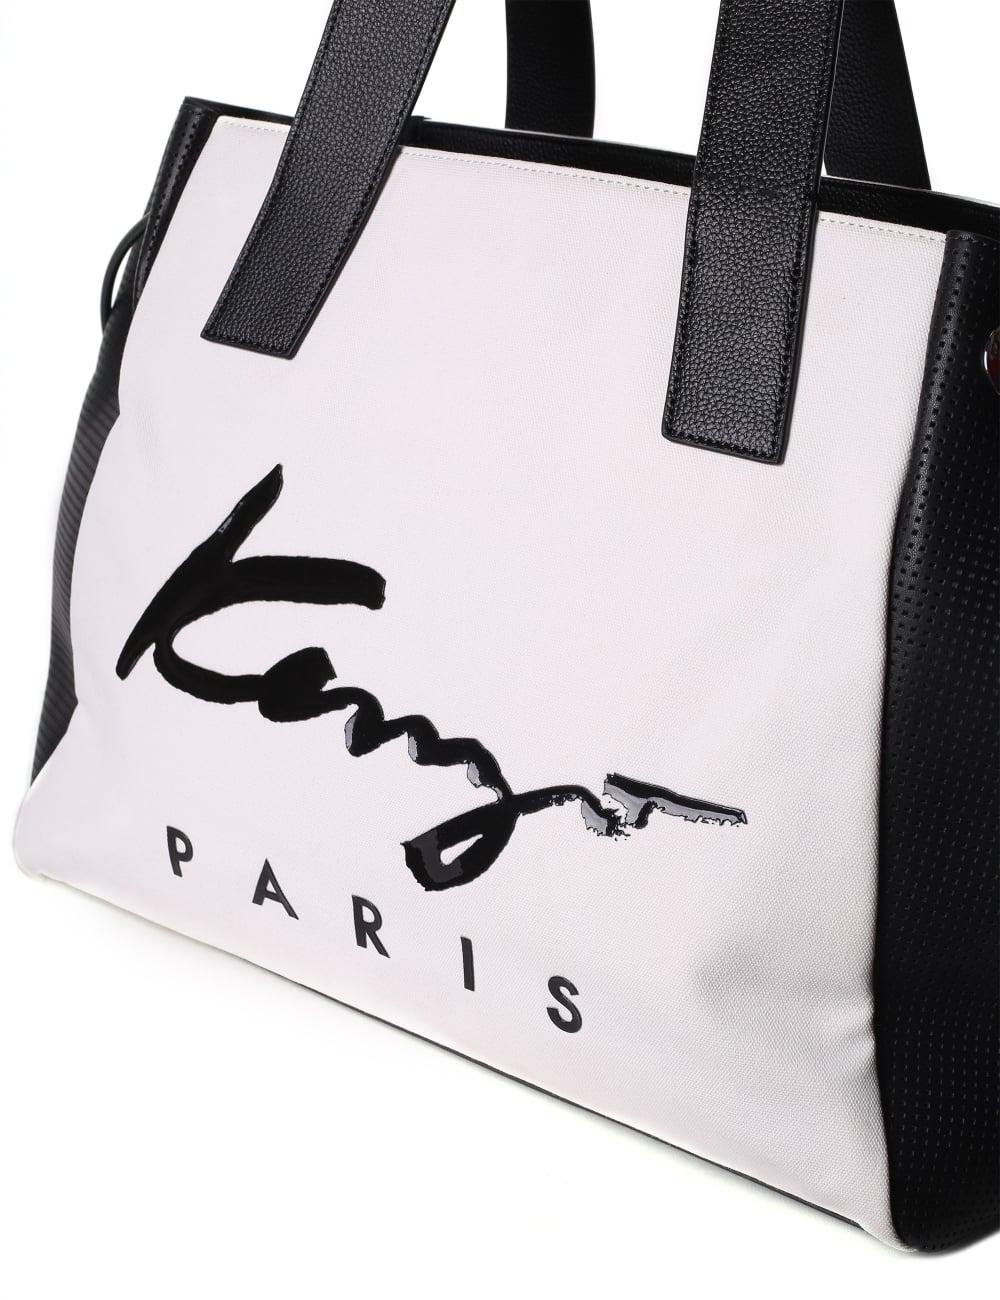 ad11ce68e84 Kenzo Women's Small Tote Bag